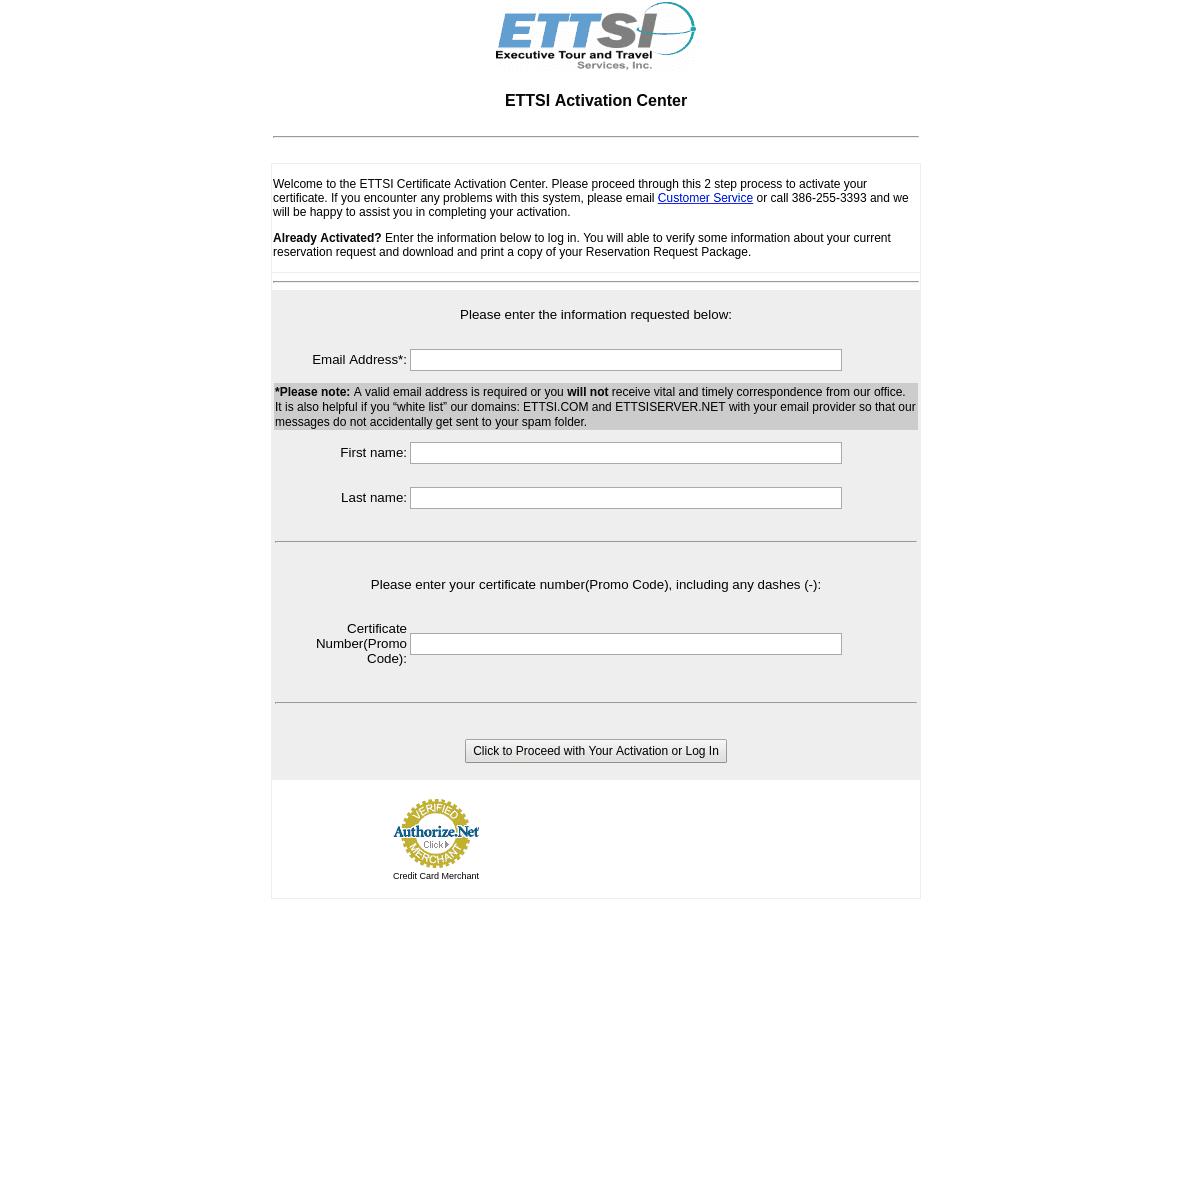 ETTSI Activation Center